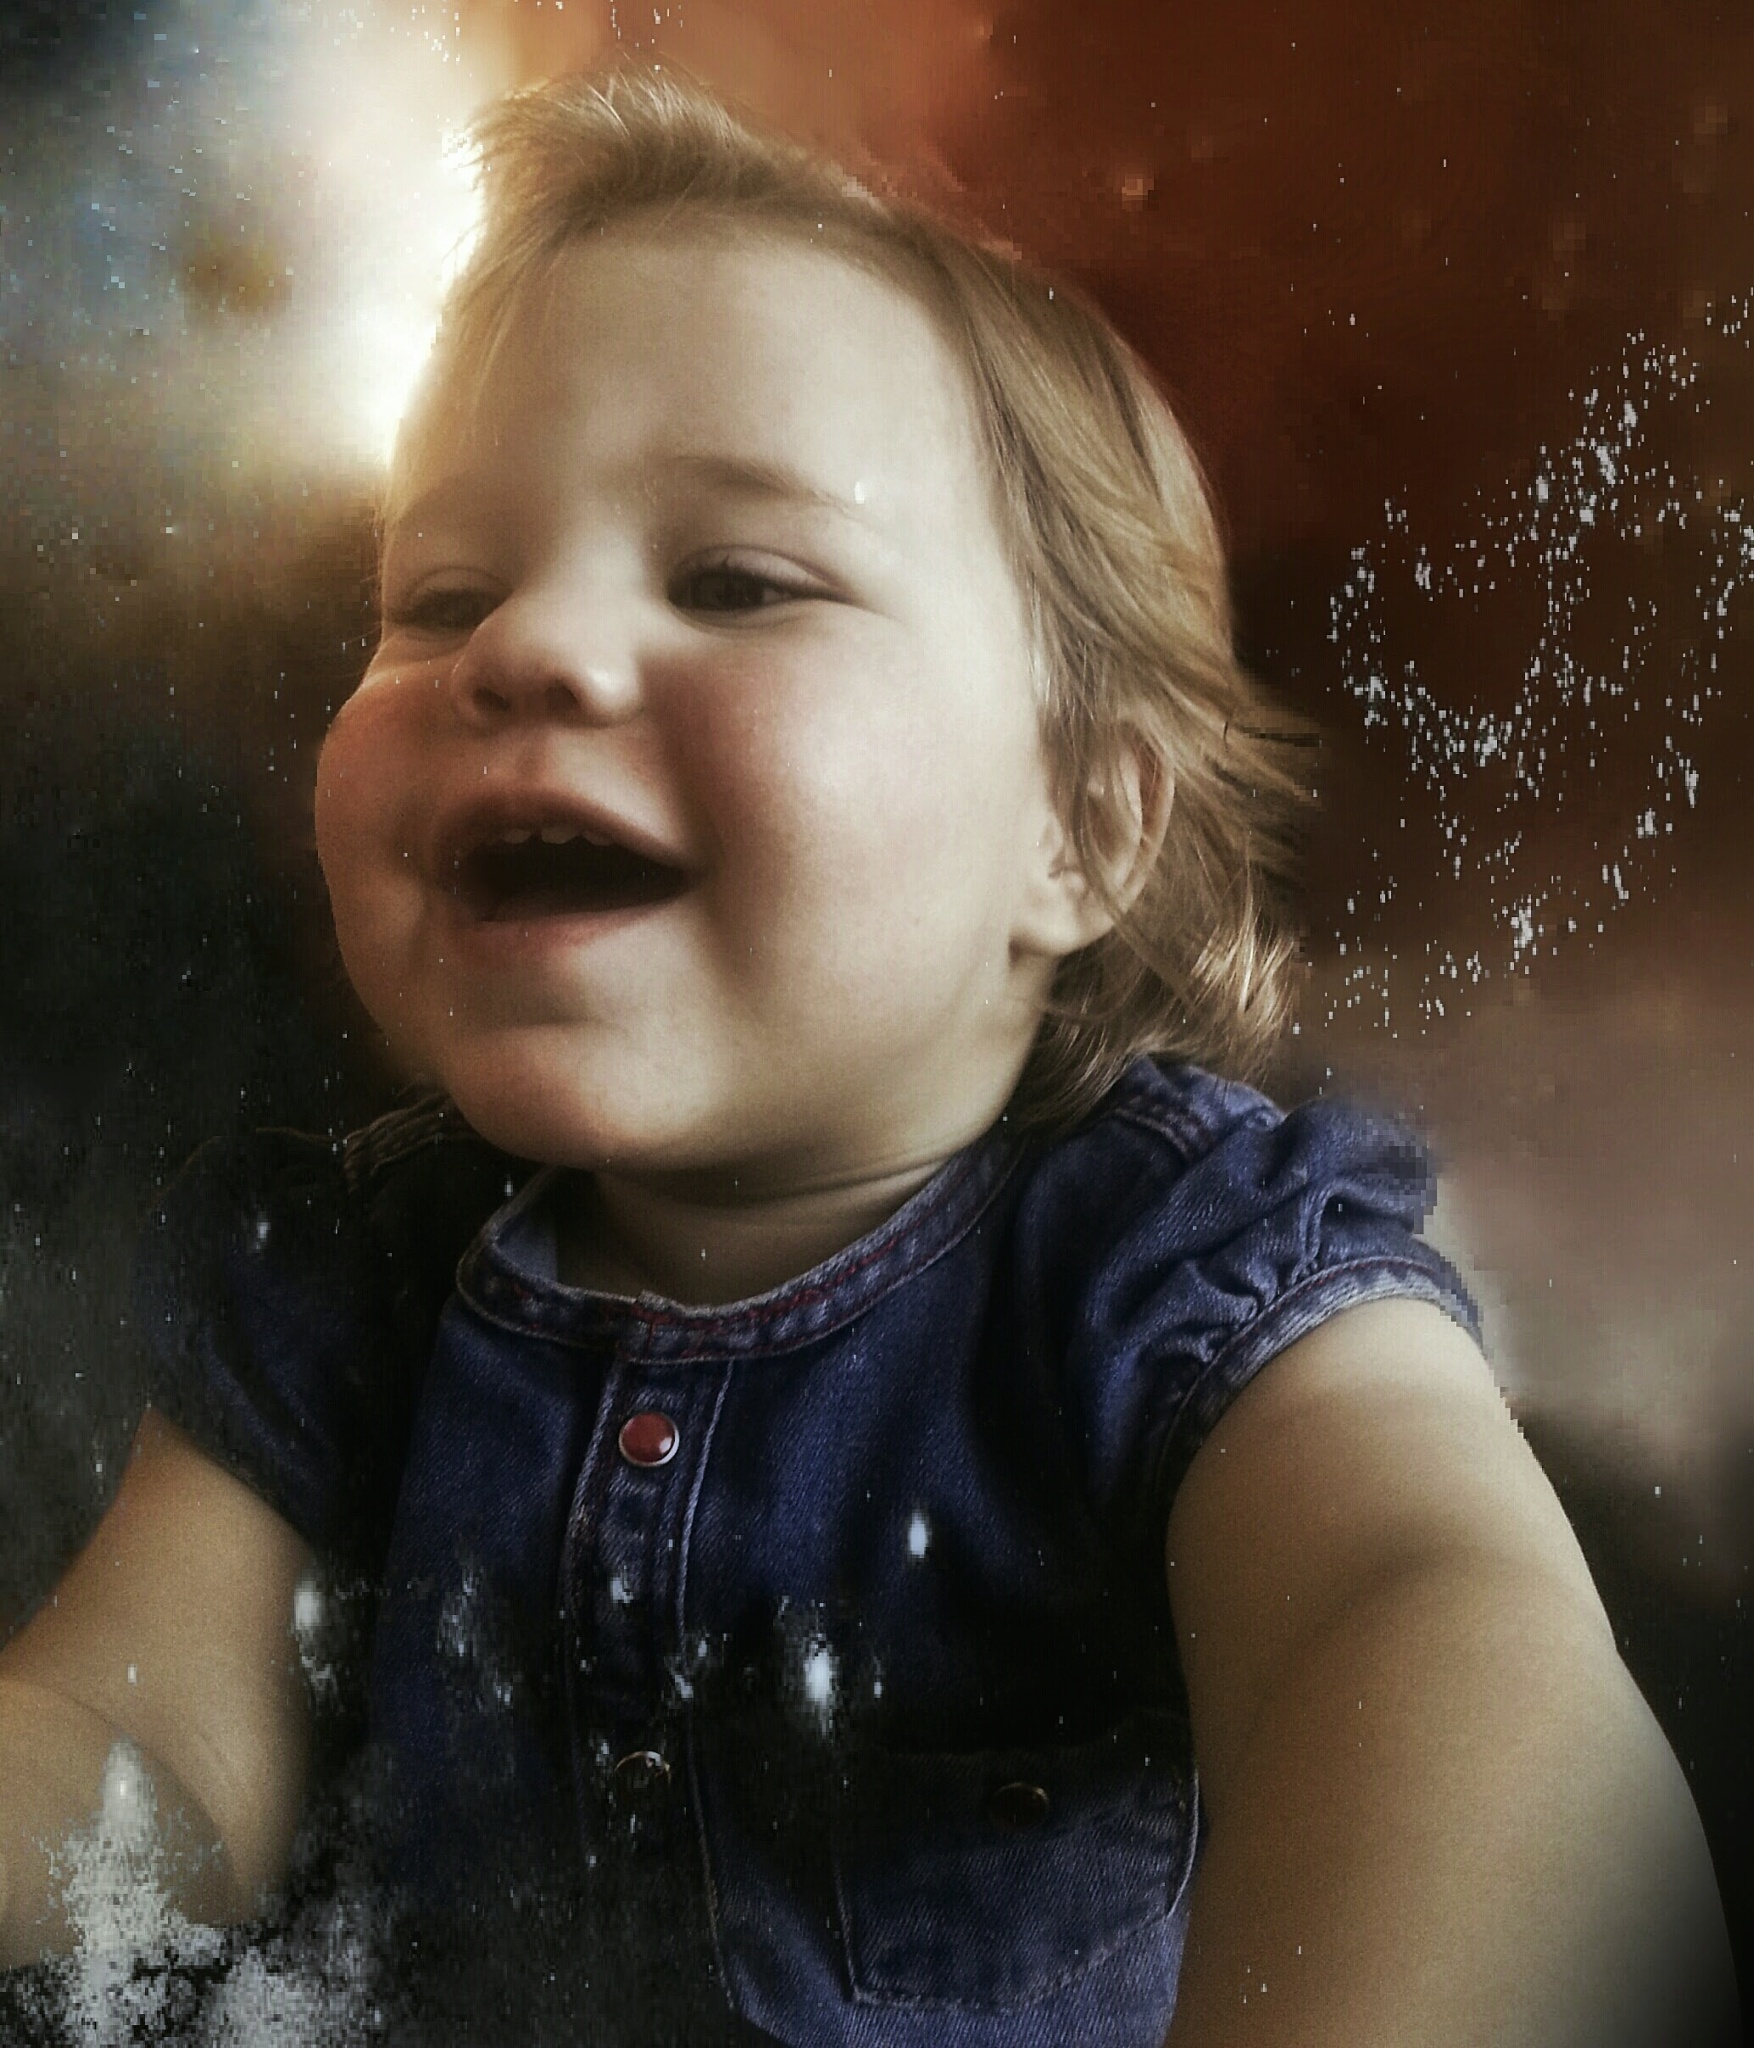 Splash! by Minimeme Photo Art